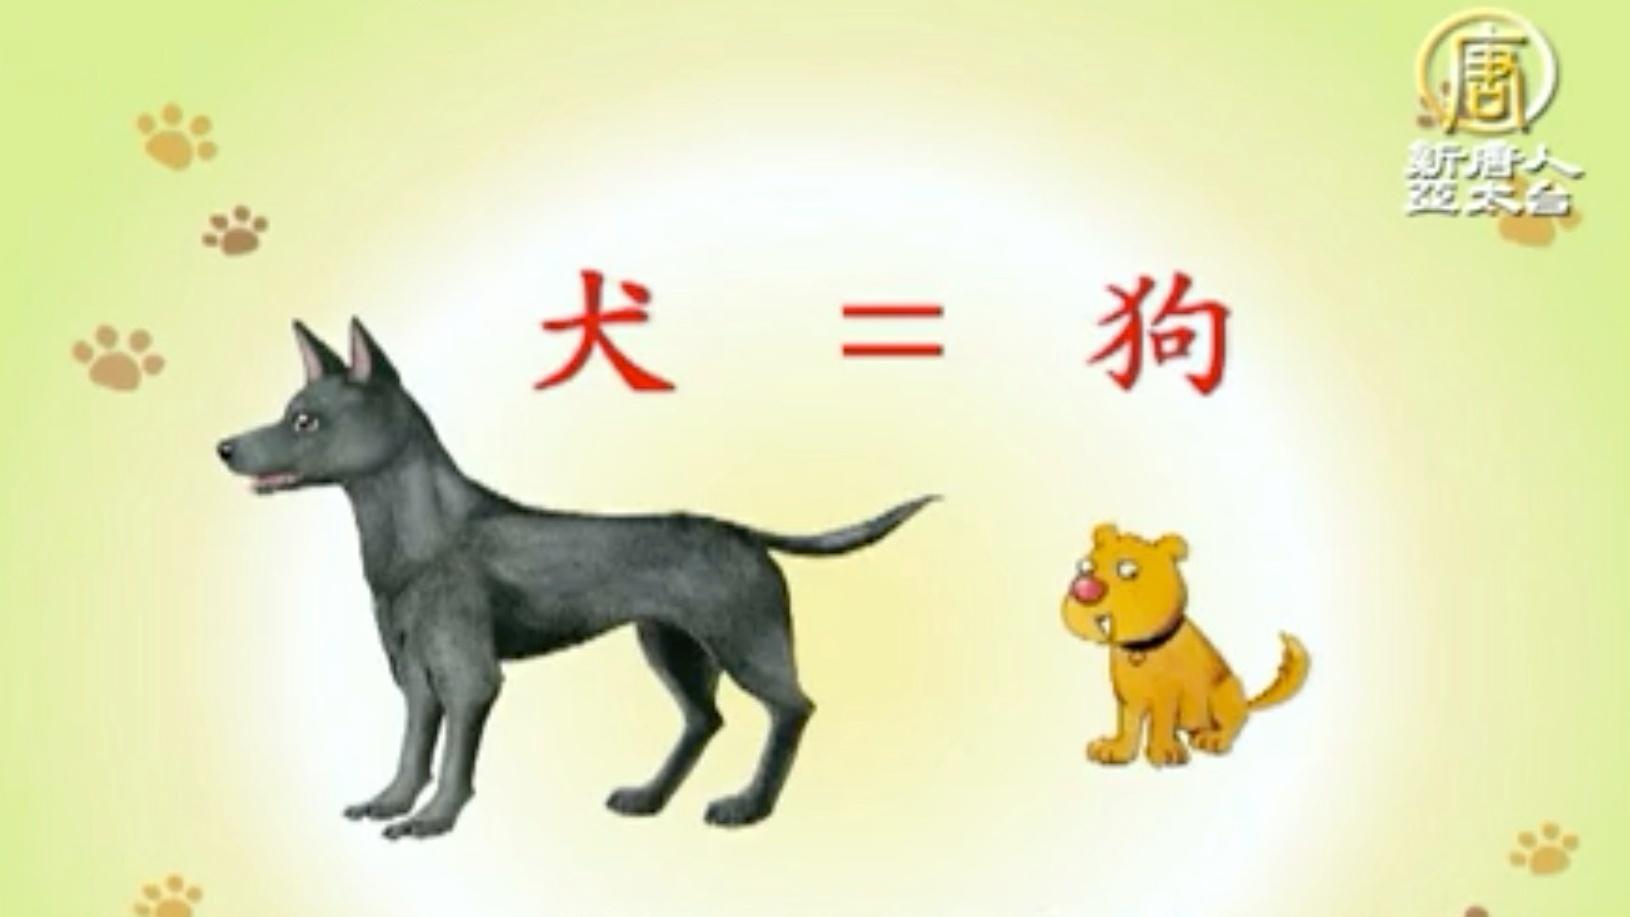 漢字動畫《悠遊字在》:說犬